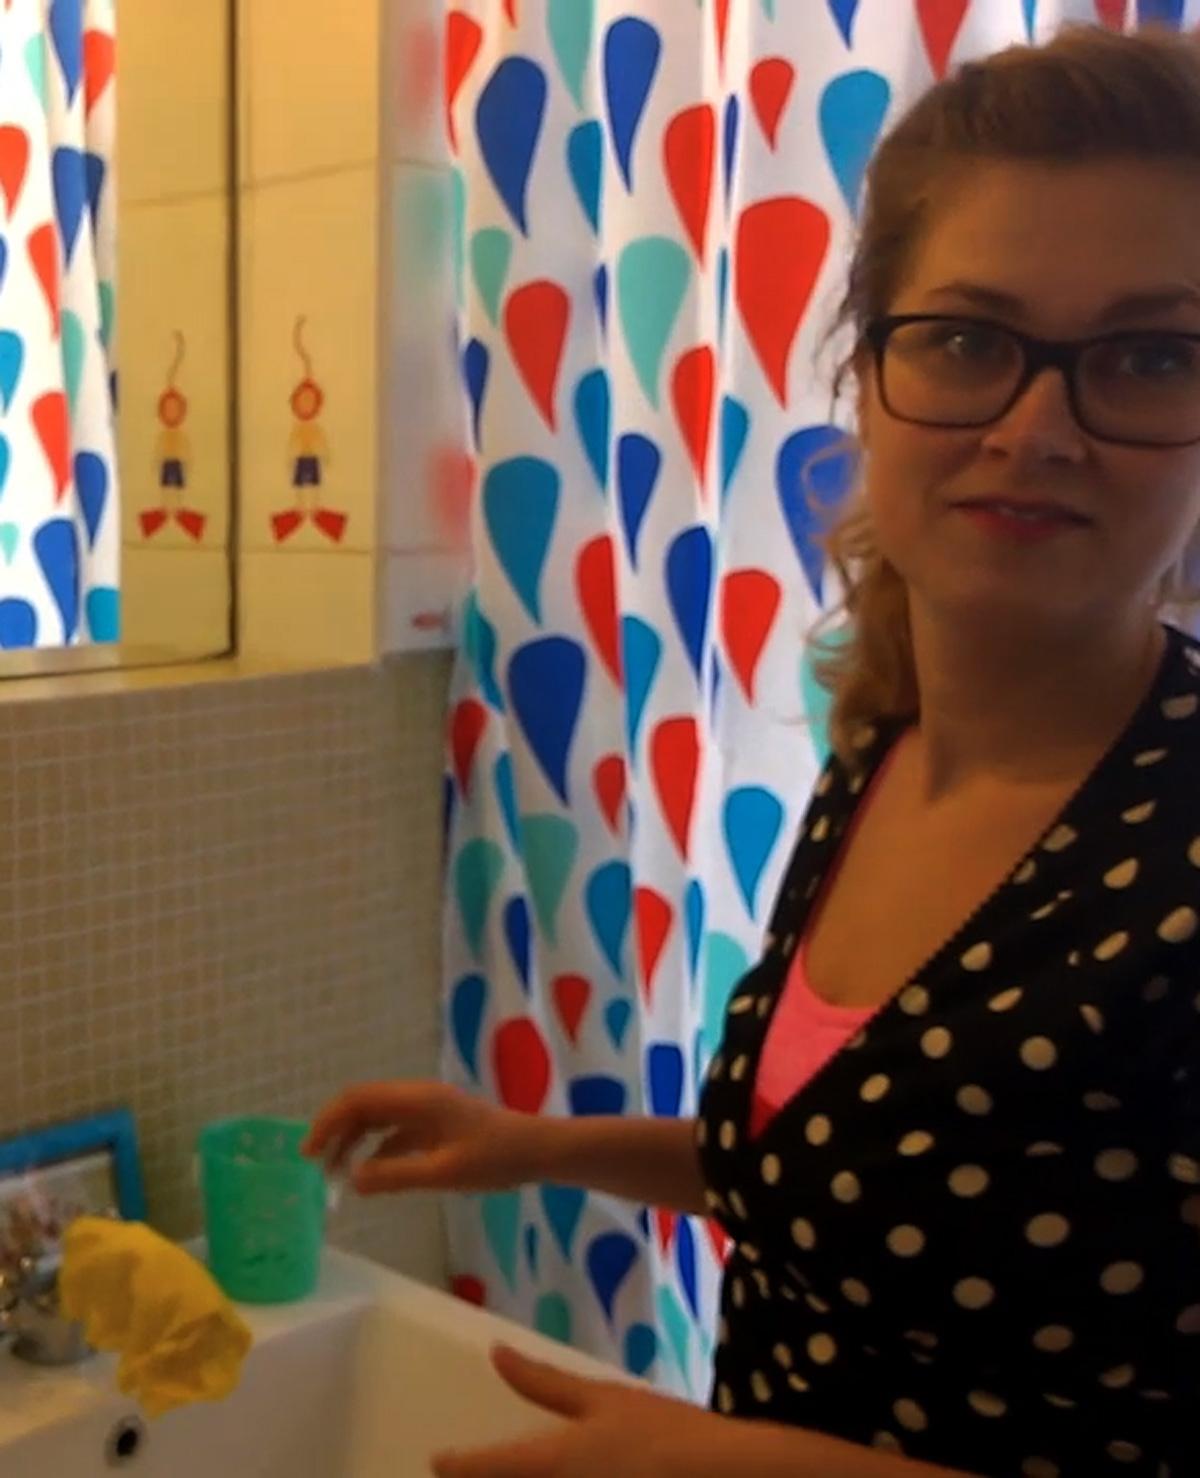 Video Sue: Kraan ontkalken